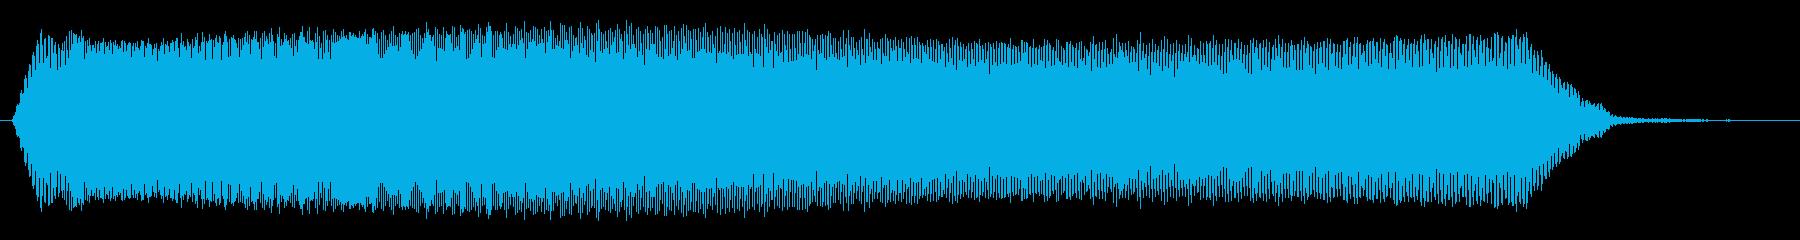 ヒュゥゥゥゥ_コミカルな落下音の再生済みの波形